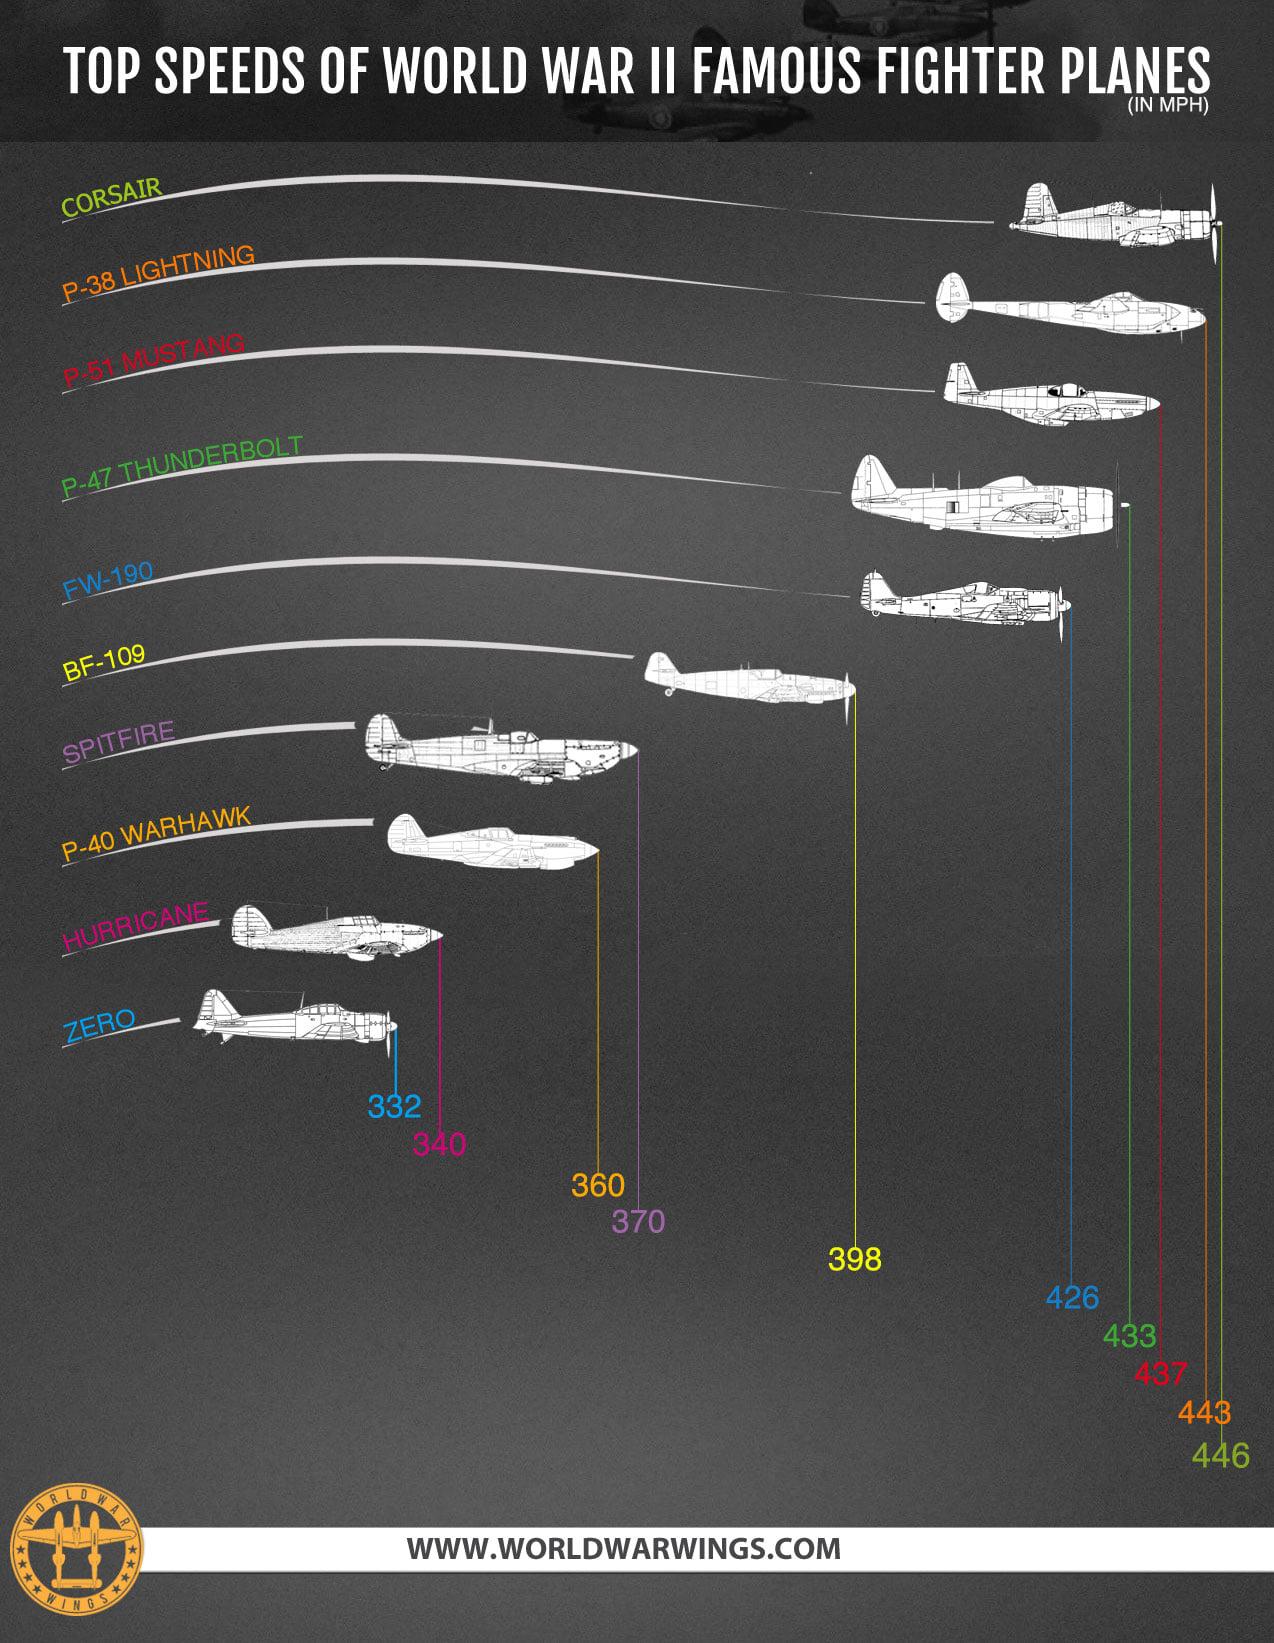 TopSpeedsWW2planes.jpg